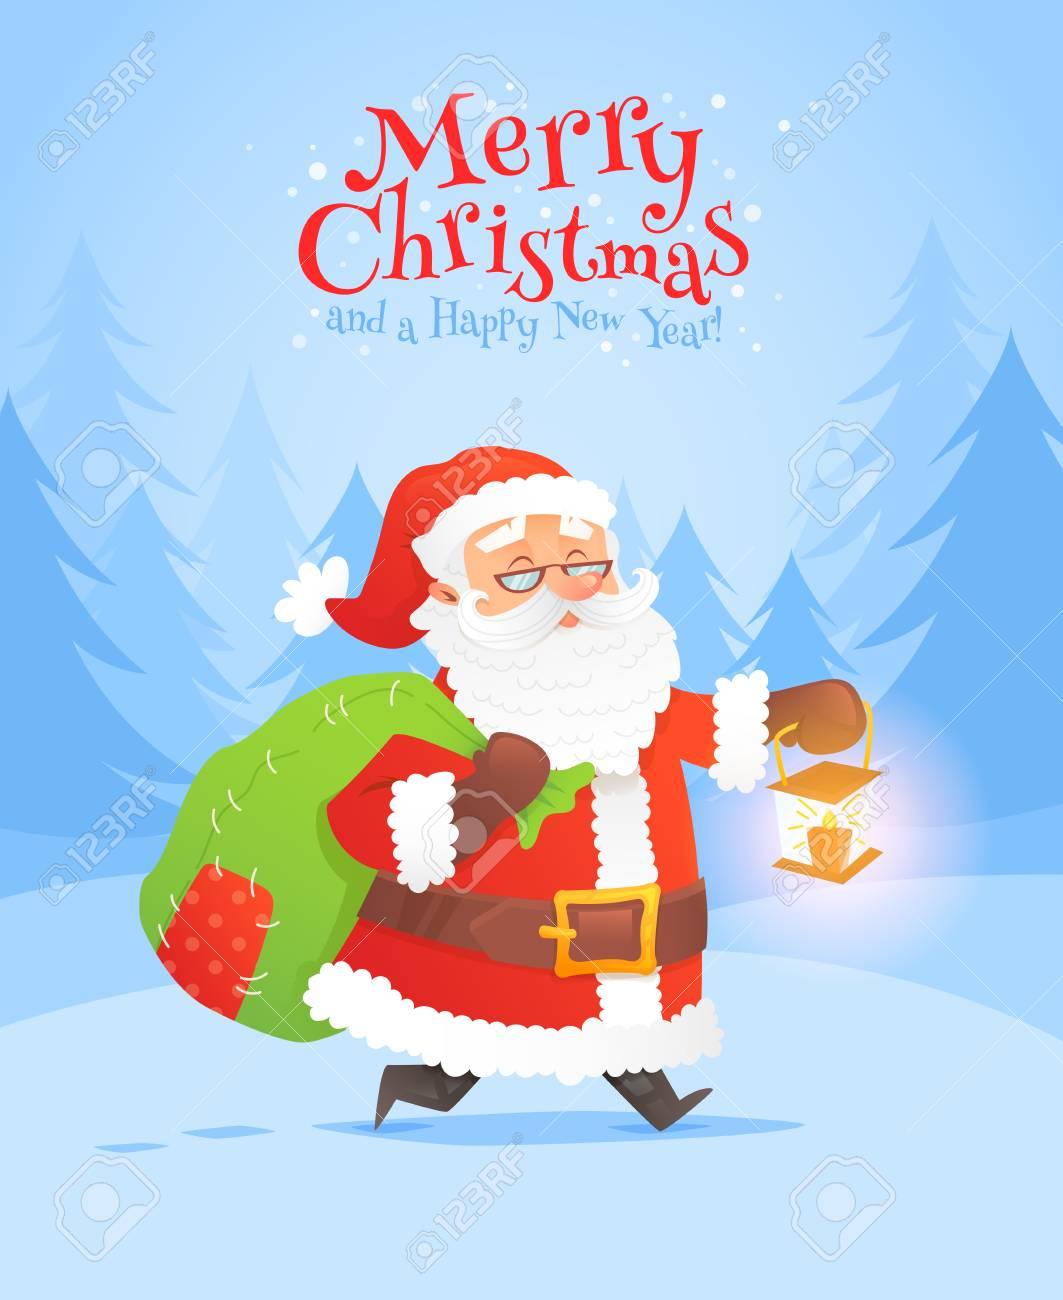 48c24b8dedb7 Banque d images - Carte postale de fête de Noël père Noël avec la forêt  d hiver pour les salutations de la saison et les invitations de nouvel an